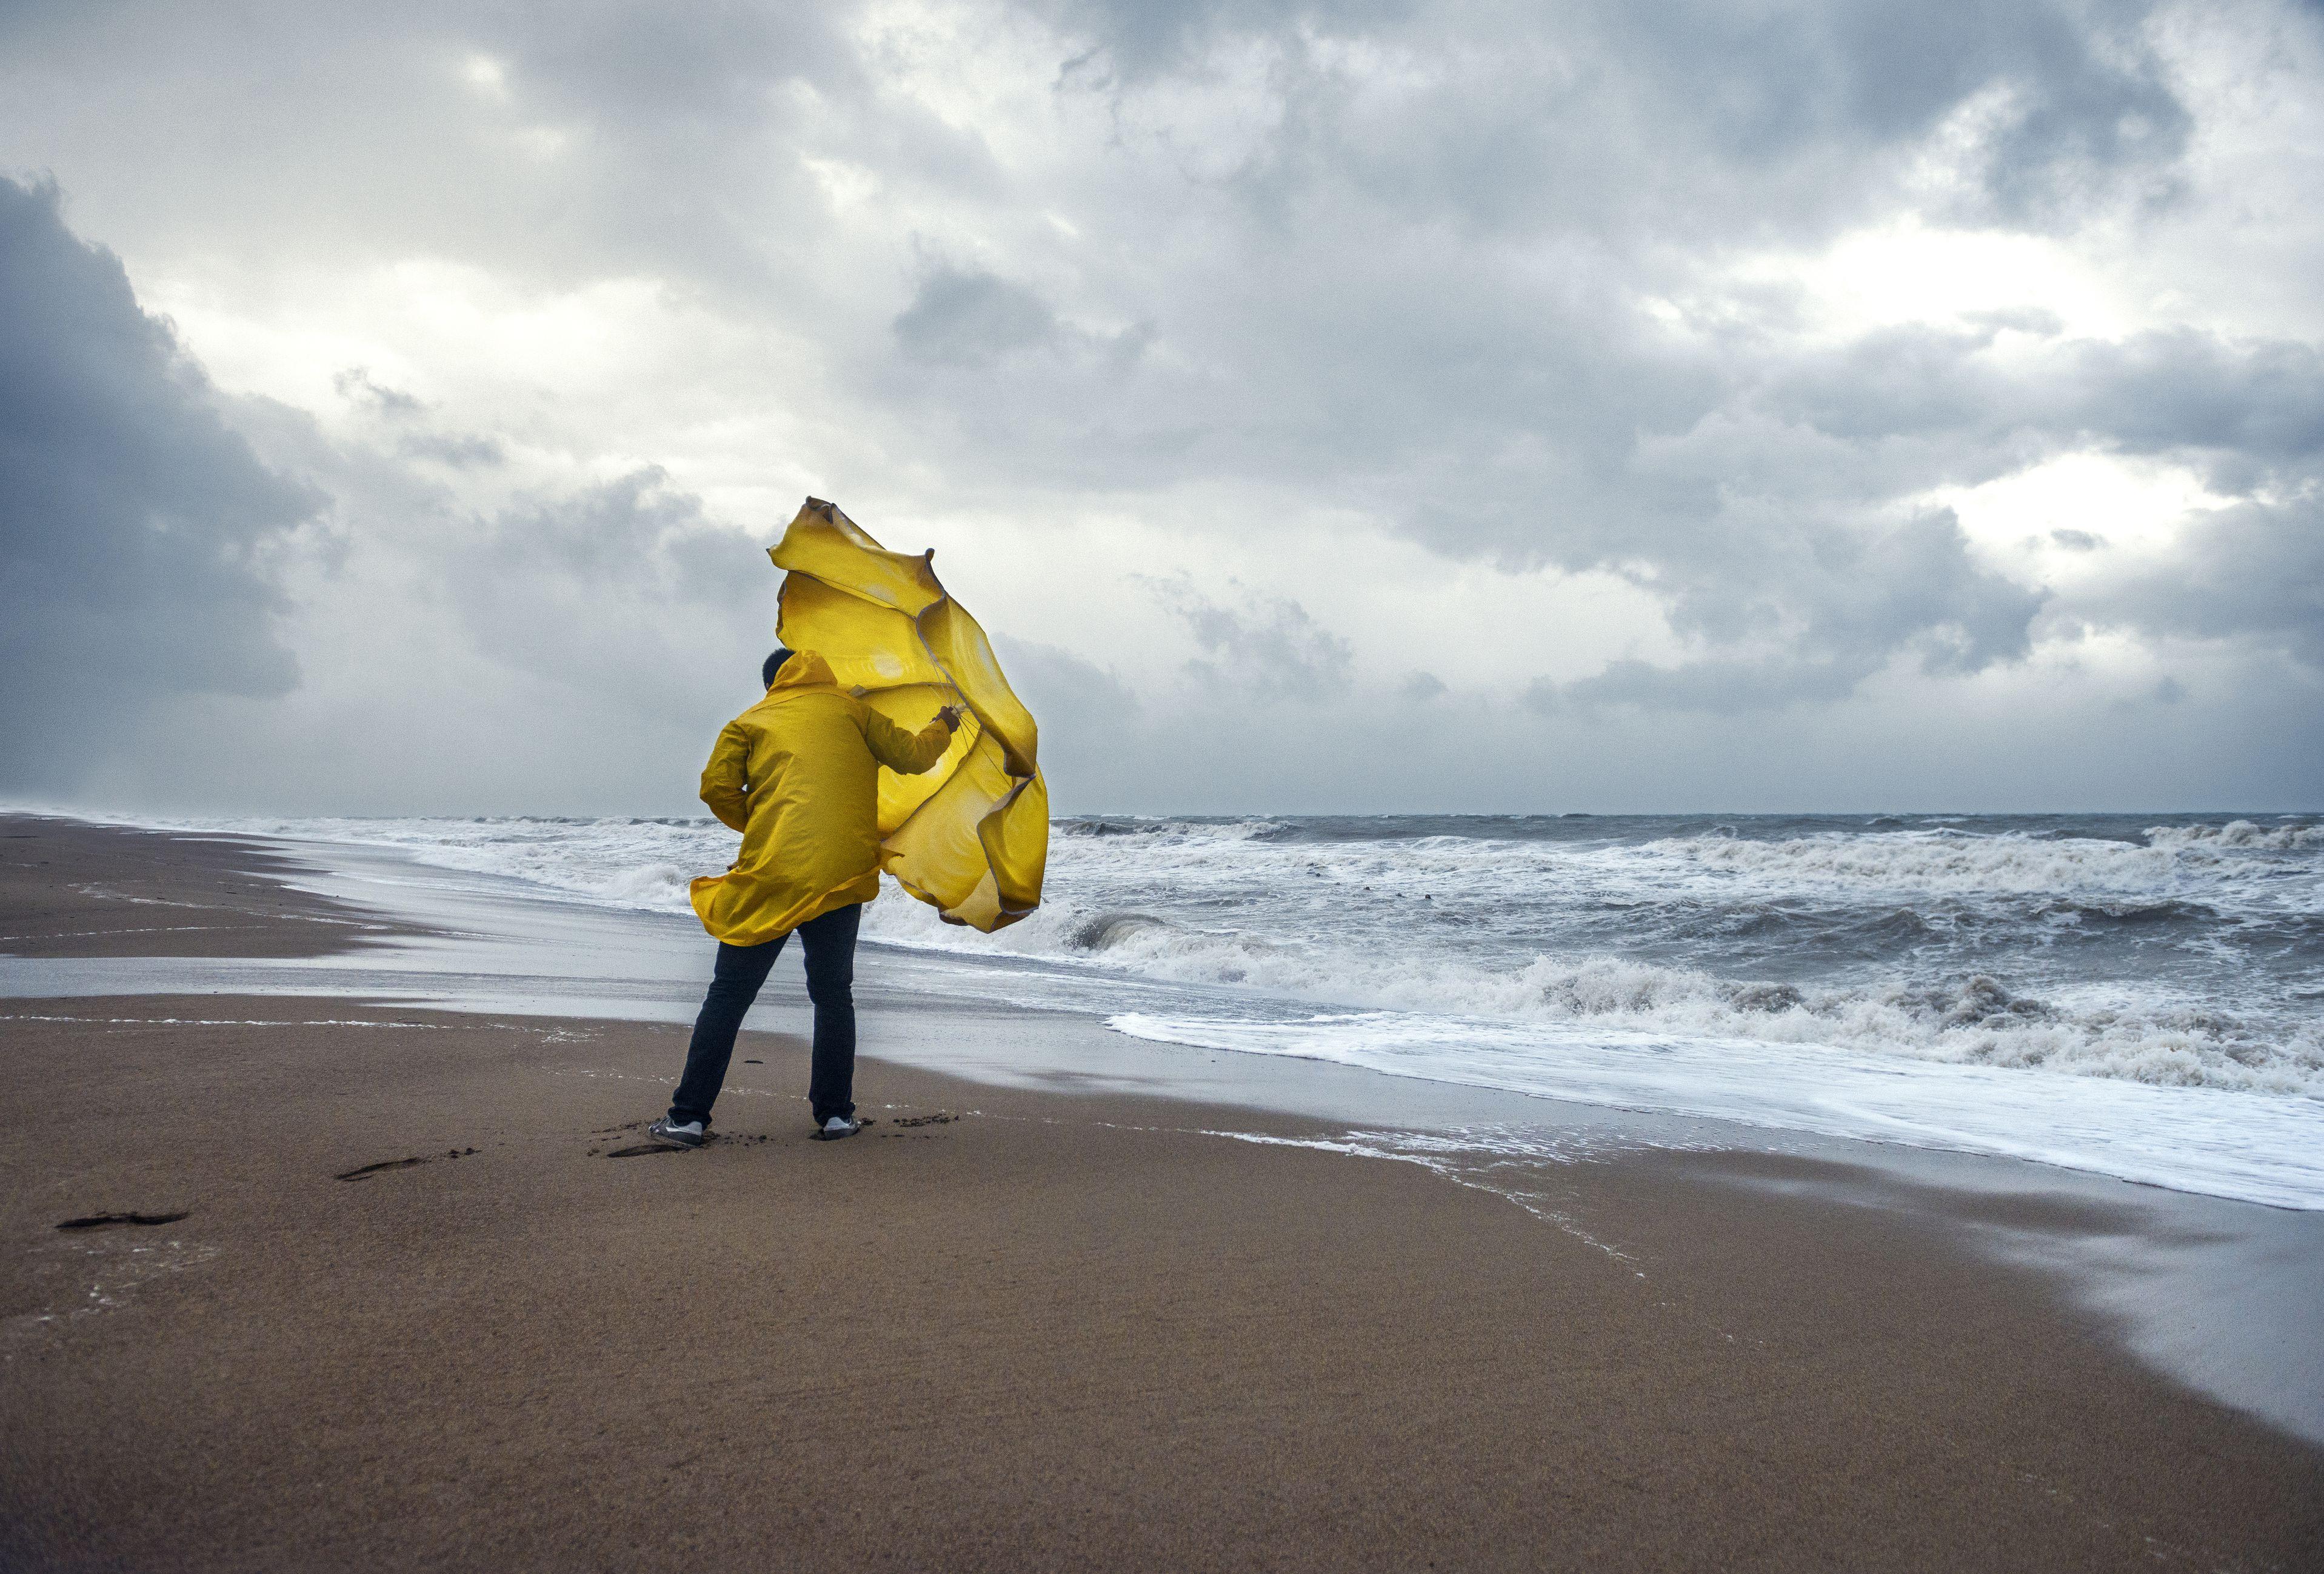 Man on windy beach